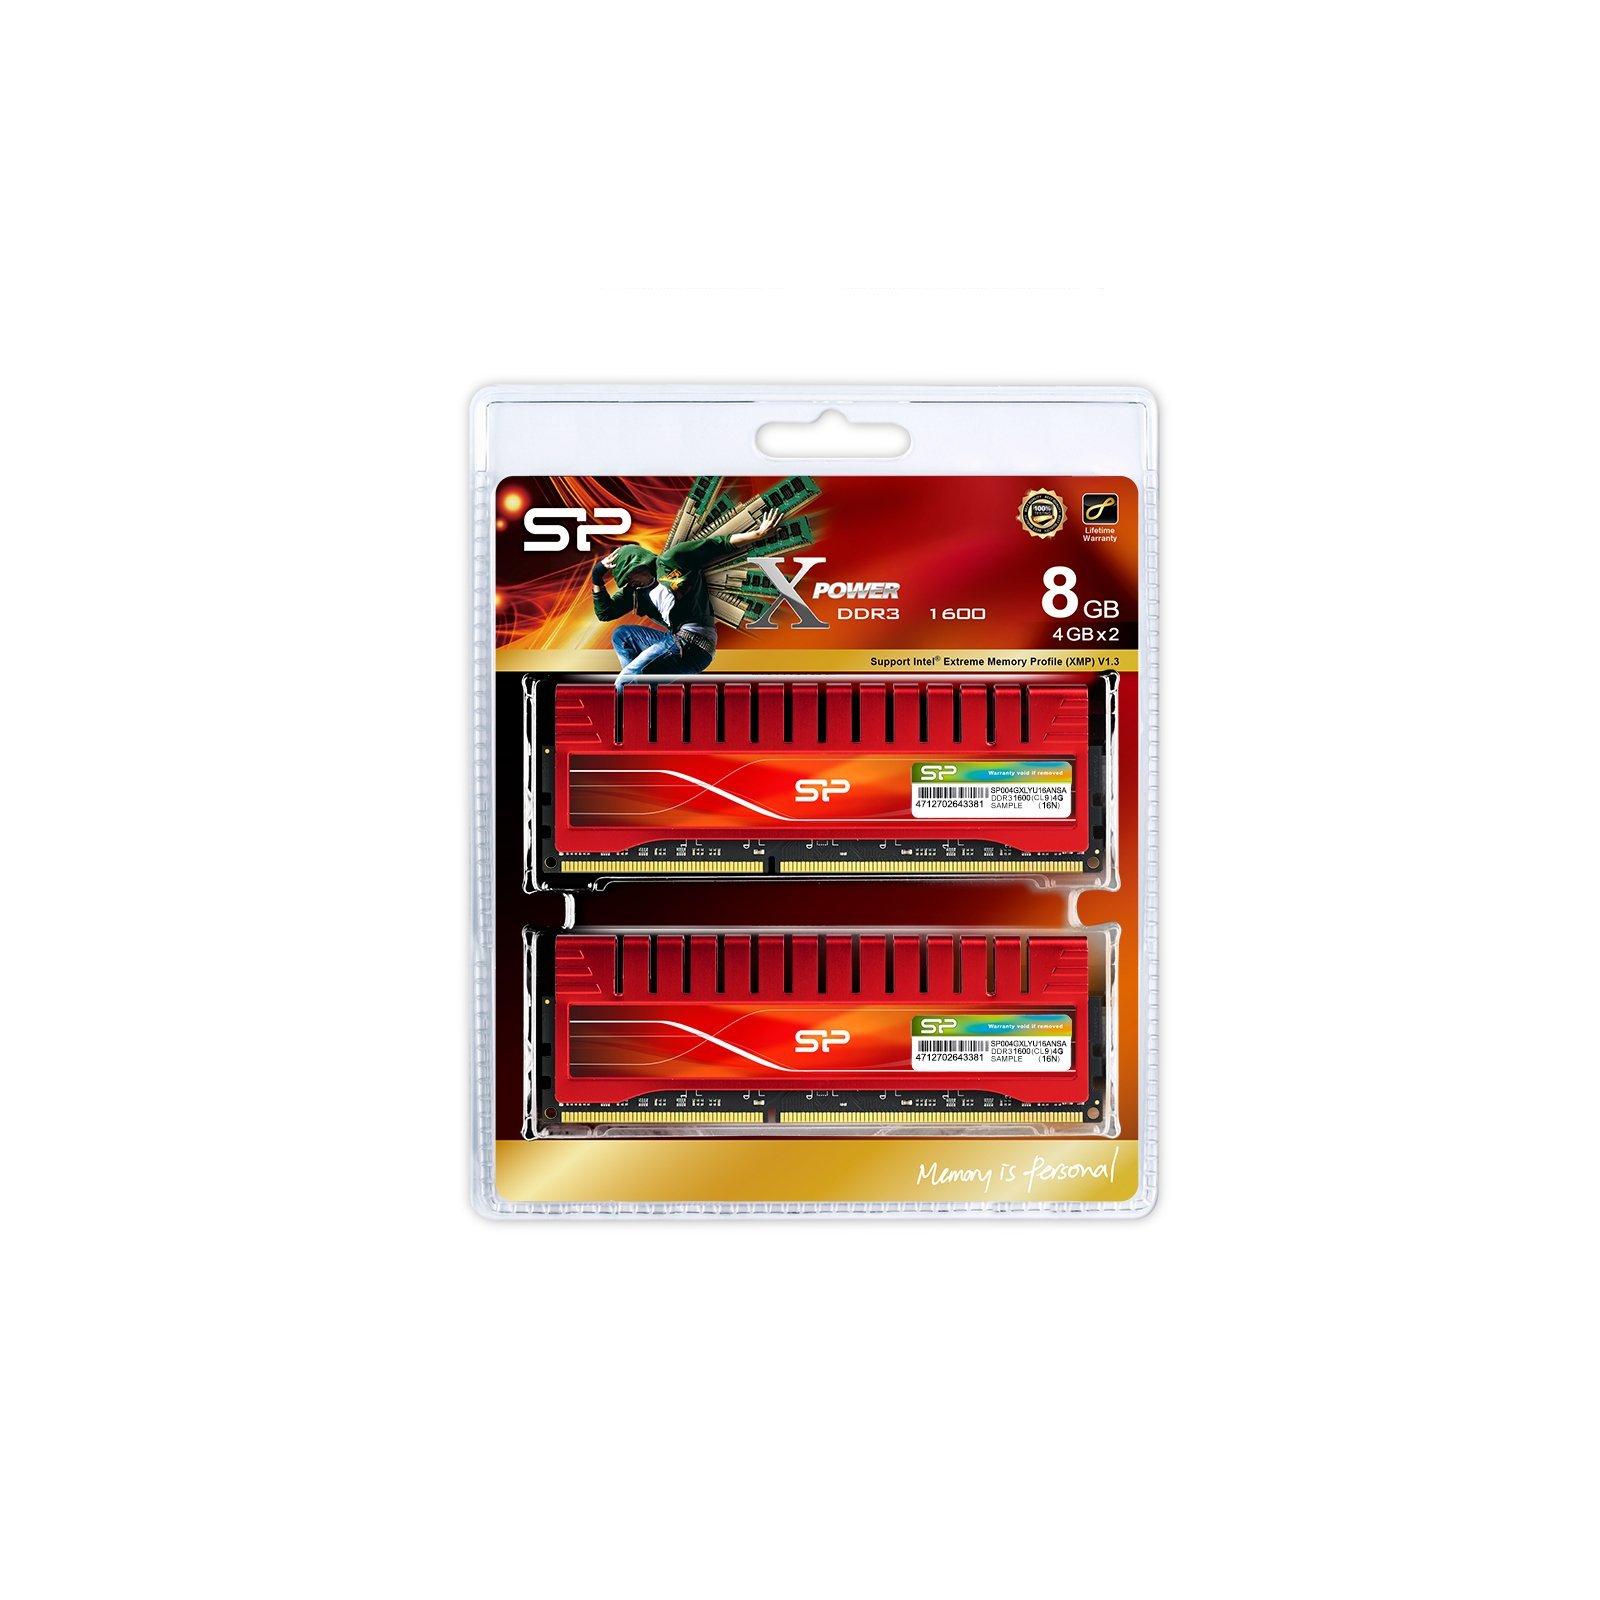 Модуль памяти для компьютера DDR3 8GB (2x4GB) 1600 MHz X-Power Silicon Power (SP008GXLYU16ANDA) изображение 3